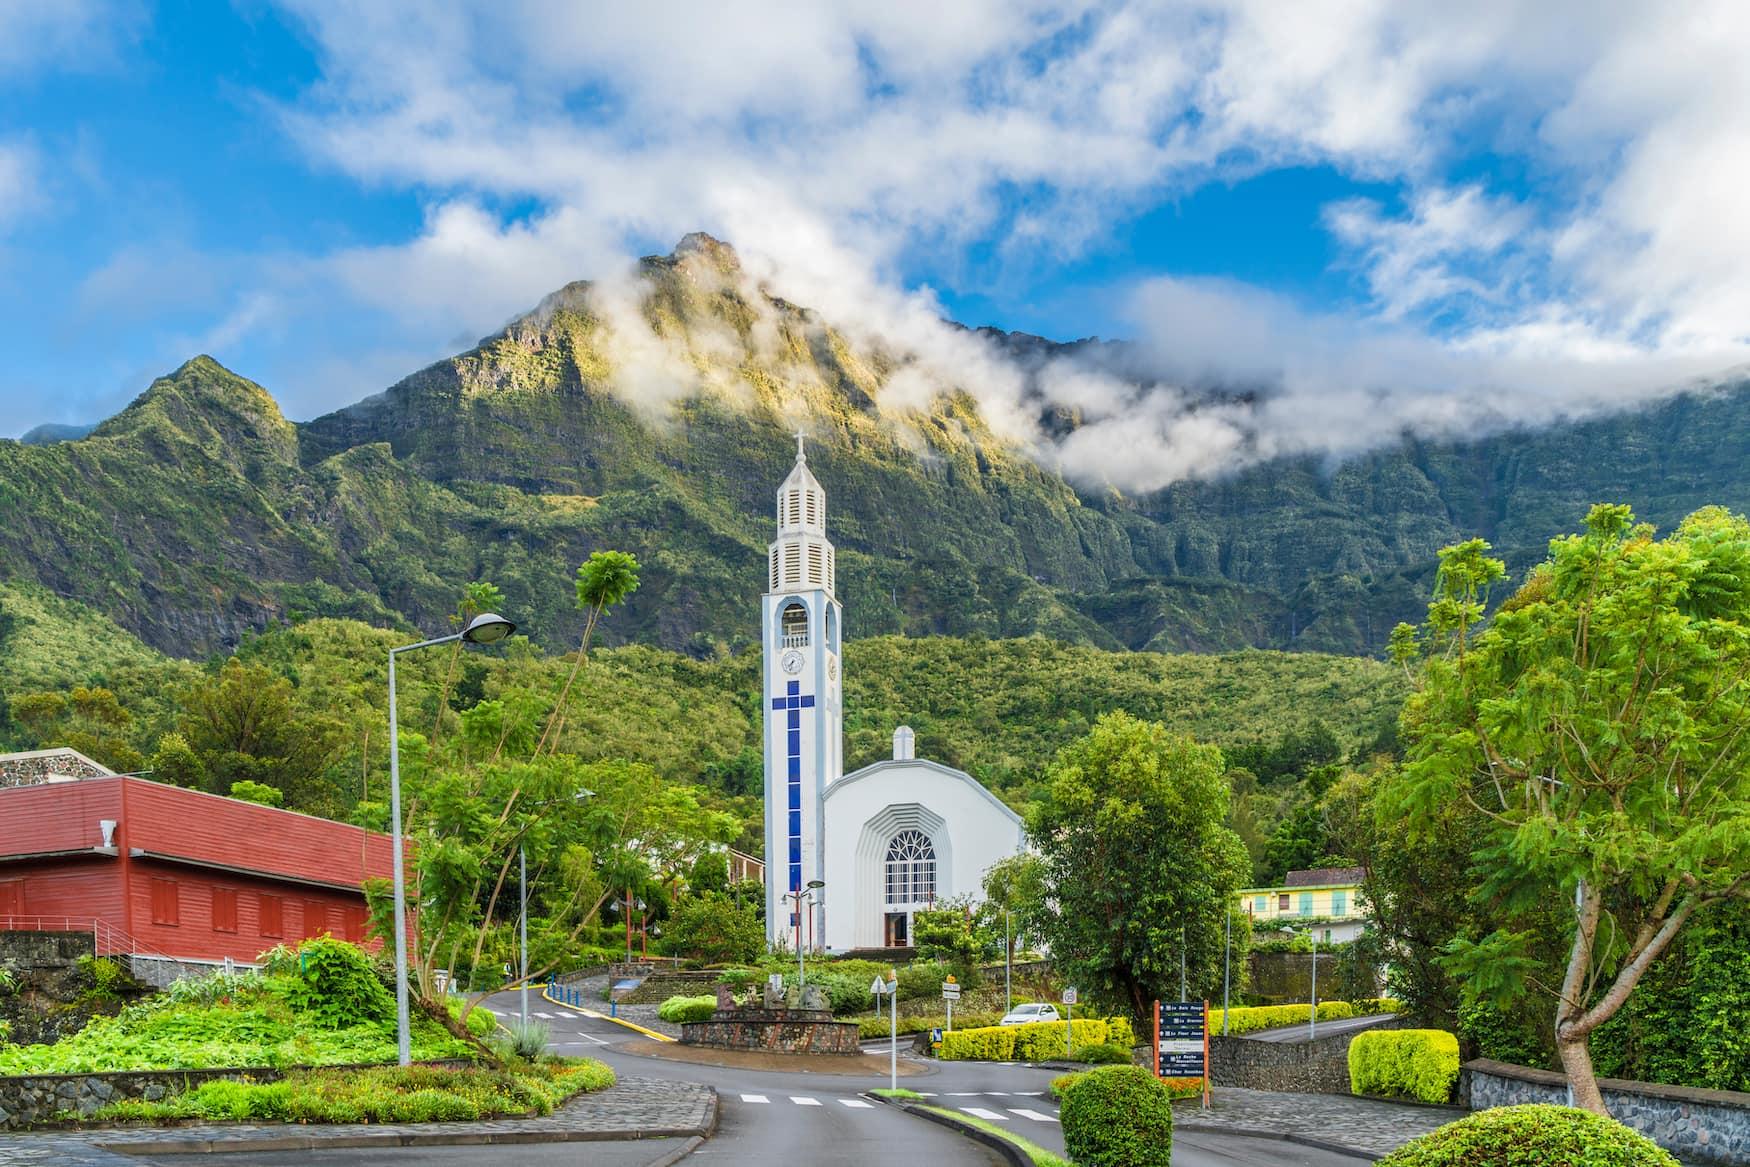 Kirche in Dorf auf La Reunion. Frankreich